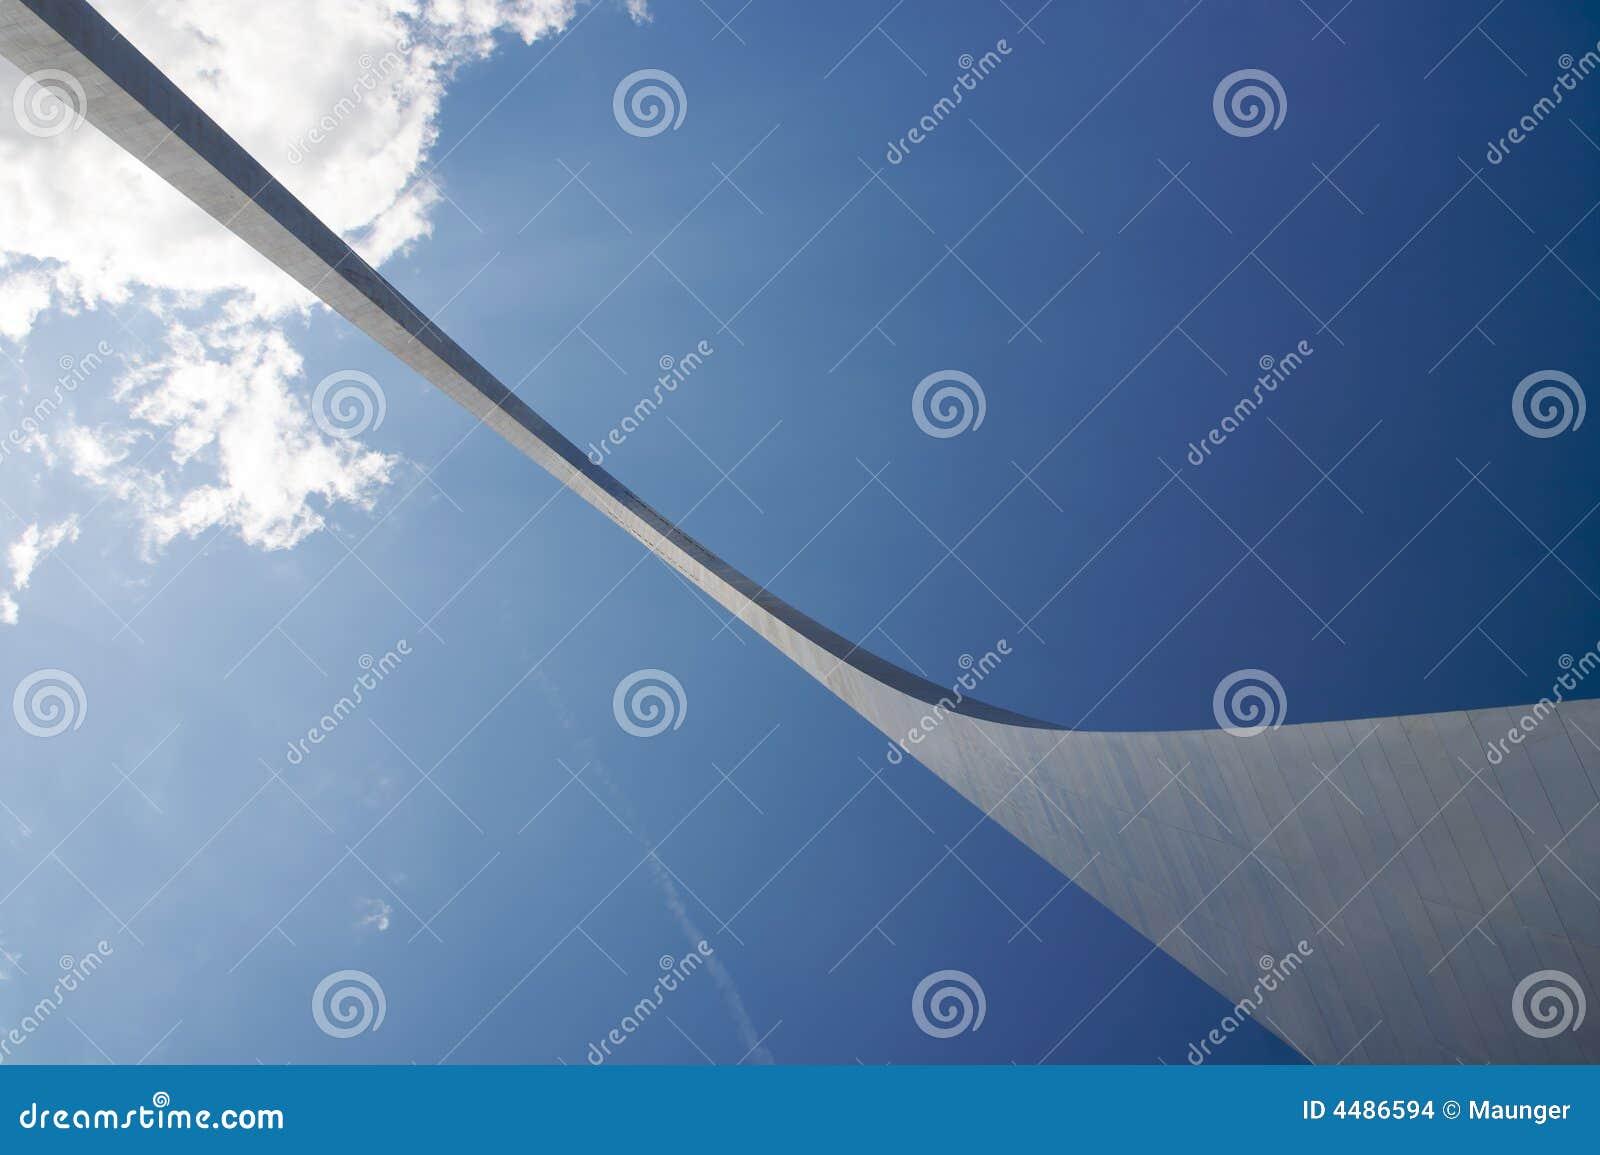 Arco abstracto de debajo